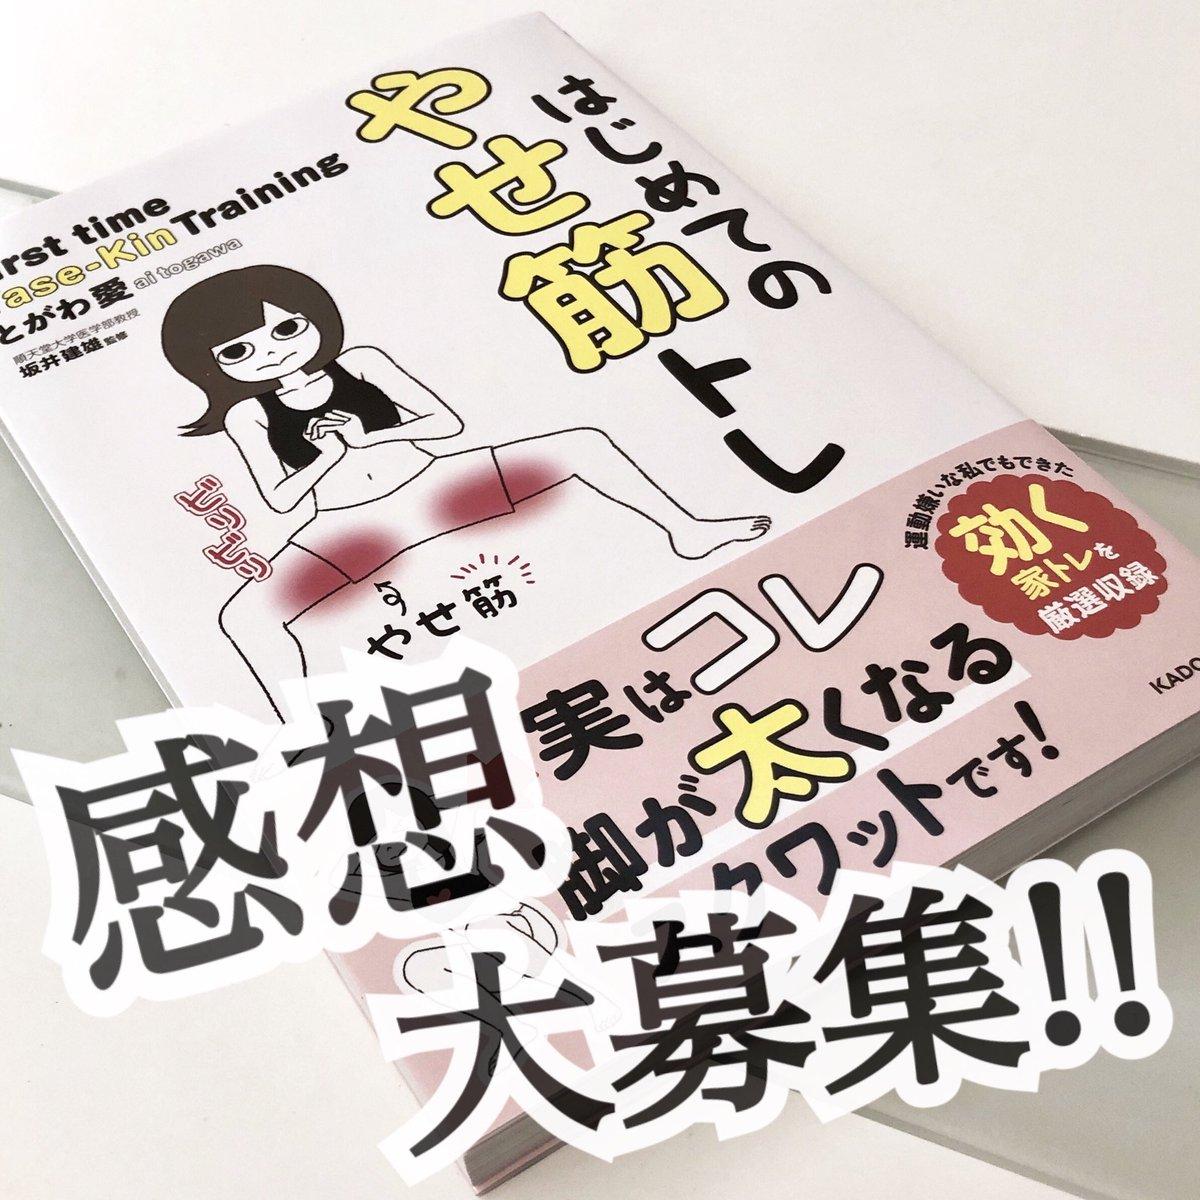 はじめてのやせ筋トレに関する画像29